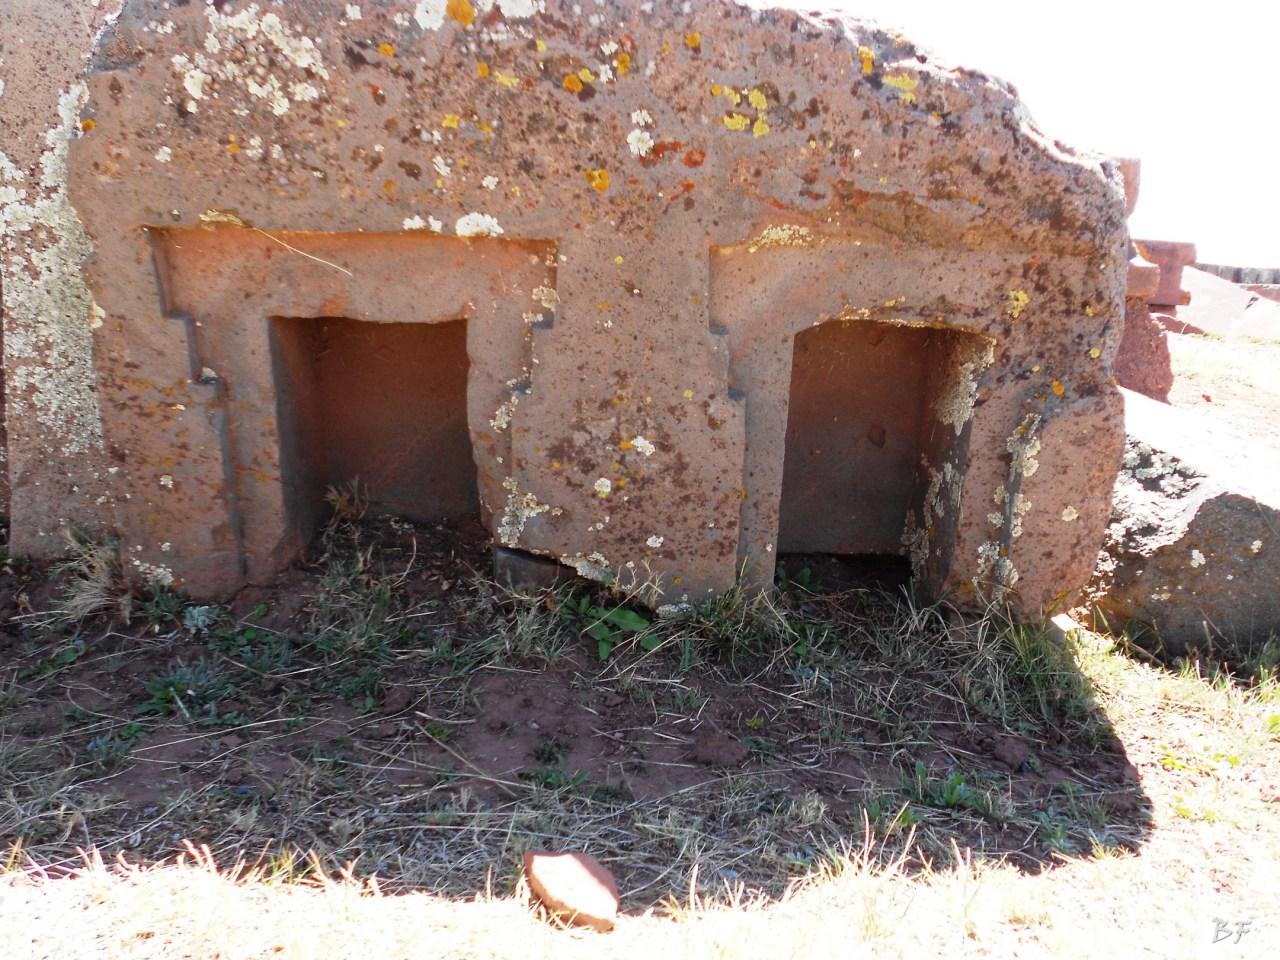 Puma-Punku-Area-Megalitica-Mura-Poligonali-Megaliti-Tiwanaku-Tiahuanaco-Bolivia-42